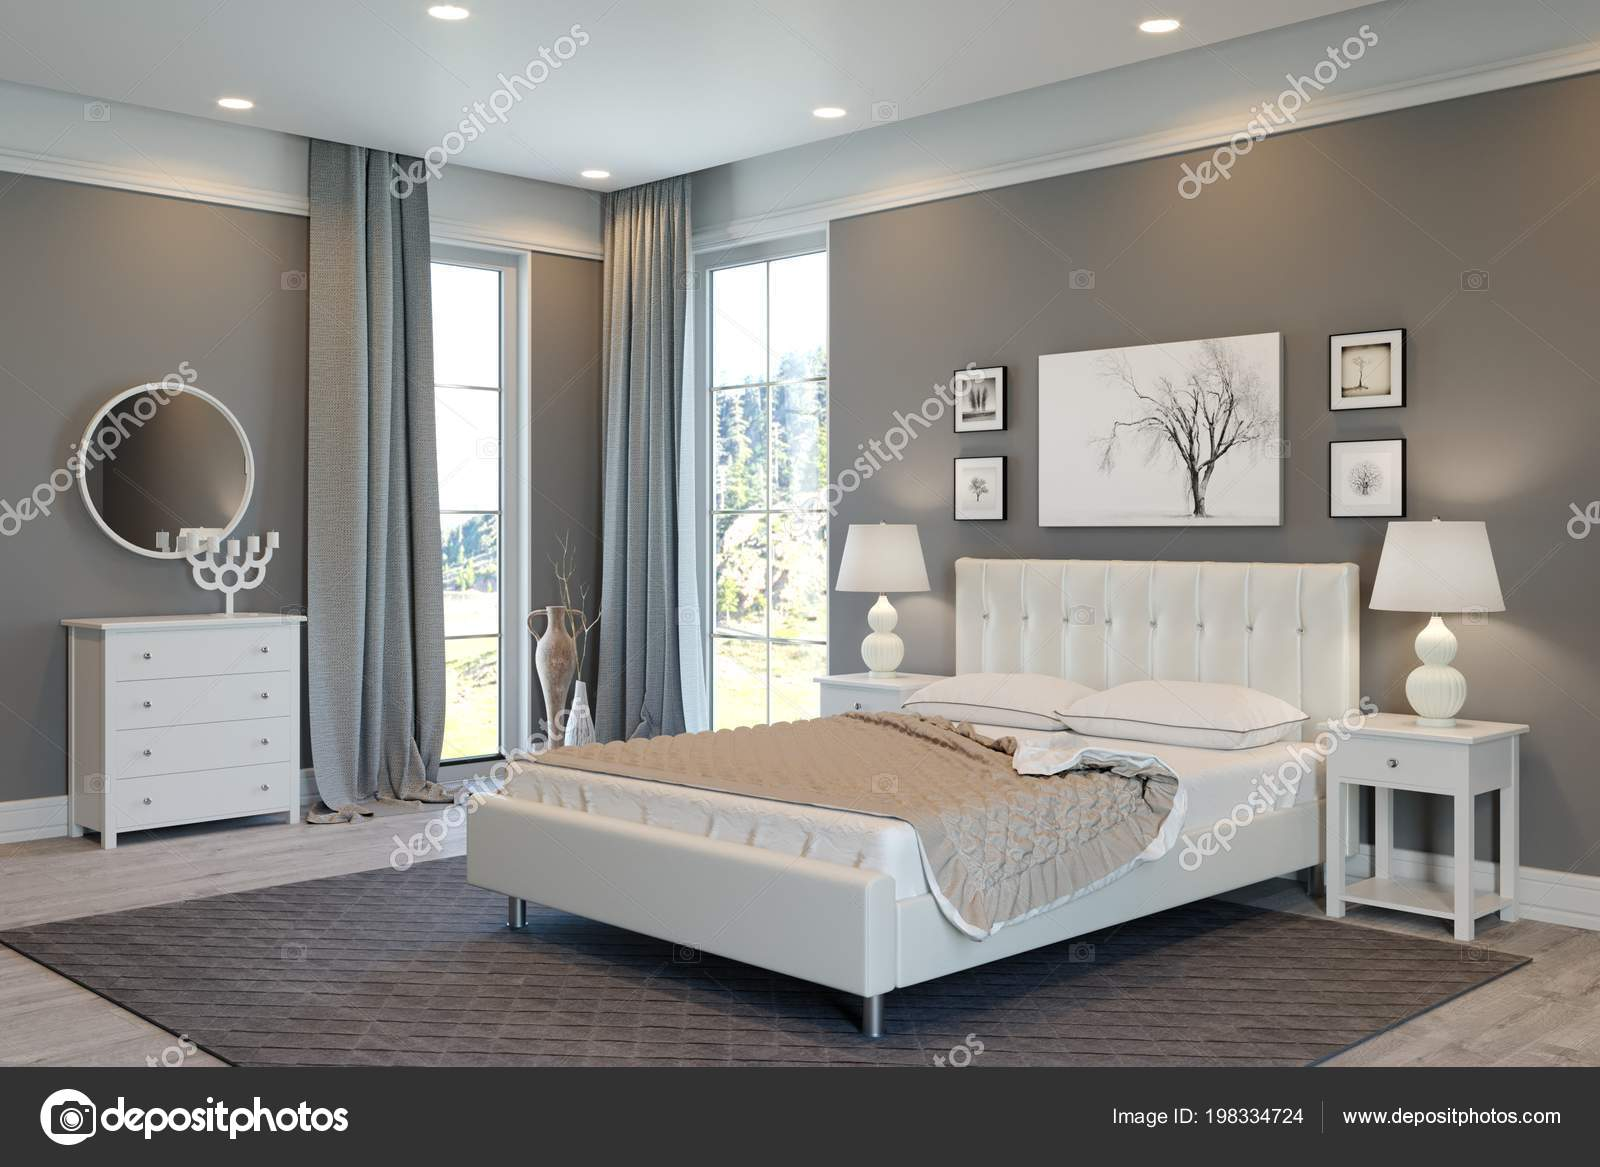 Luxus Schlafzimmer Weiß Grau — Stockfoto © sanchopancho00 #198334724